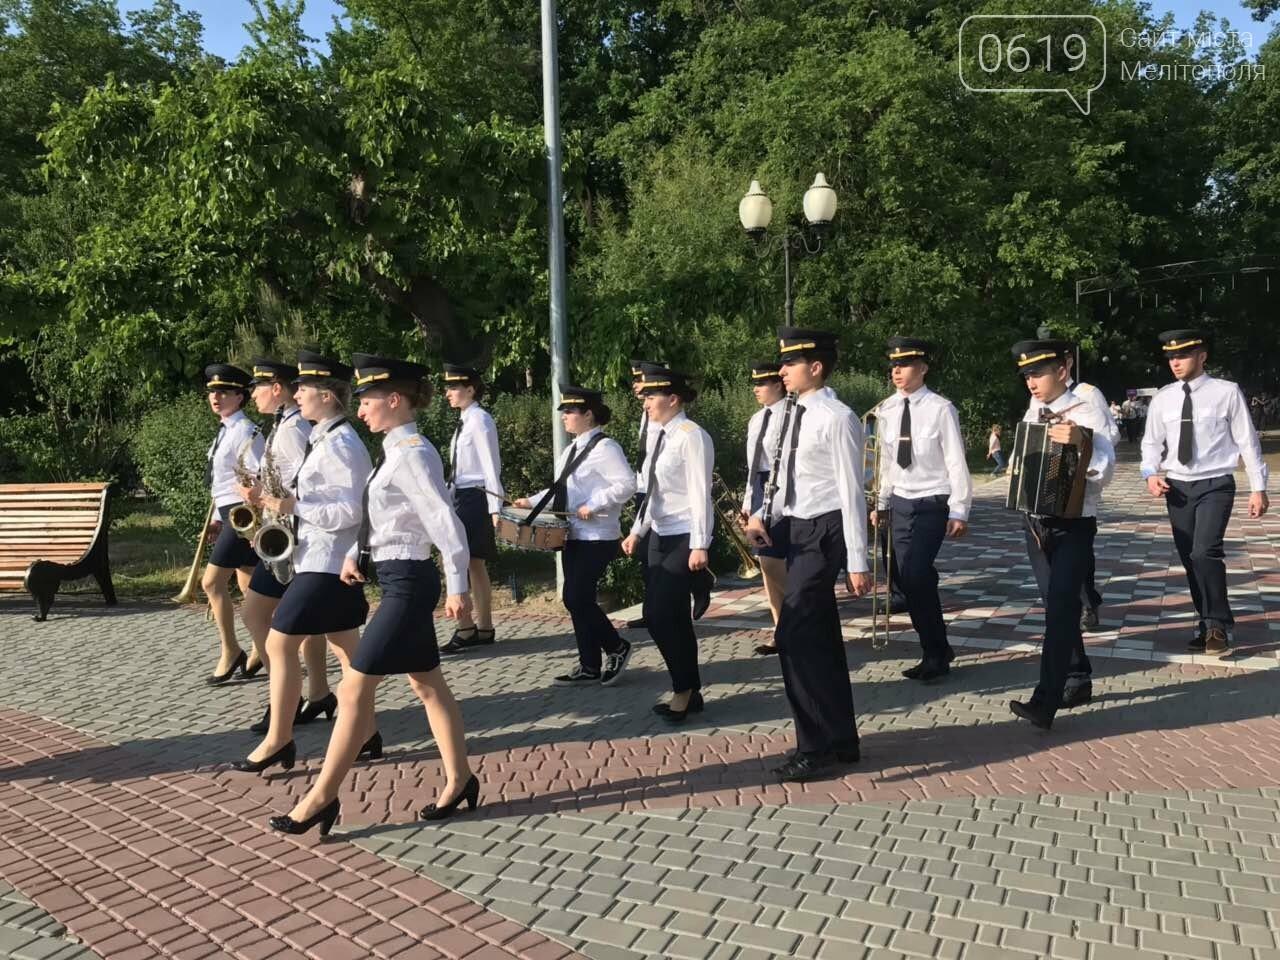 В Мелитополе прошел Всеукраинский фестиваль духовой и эстрадной музыки, фото-1